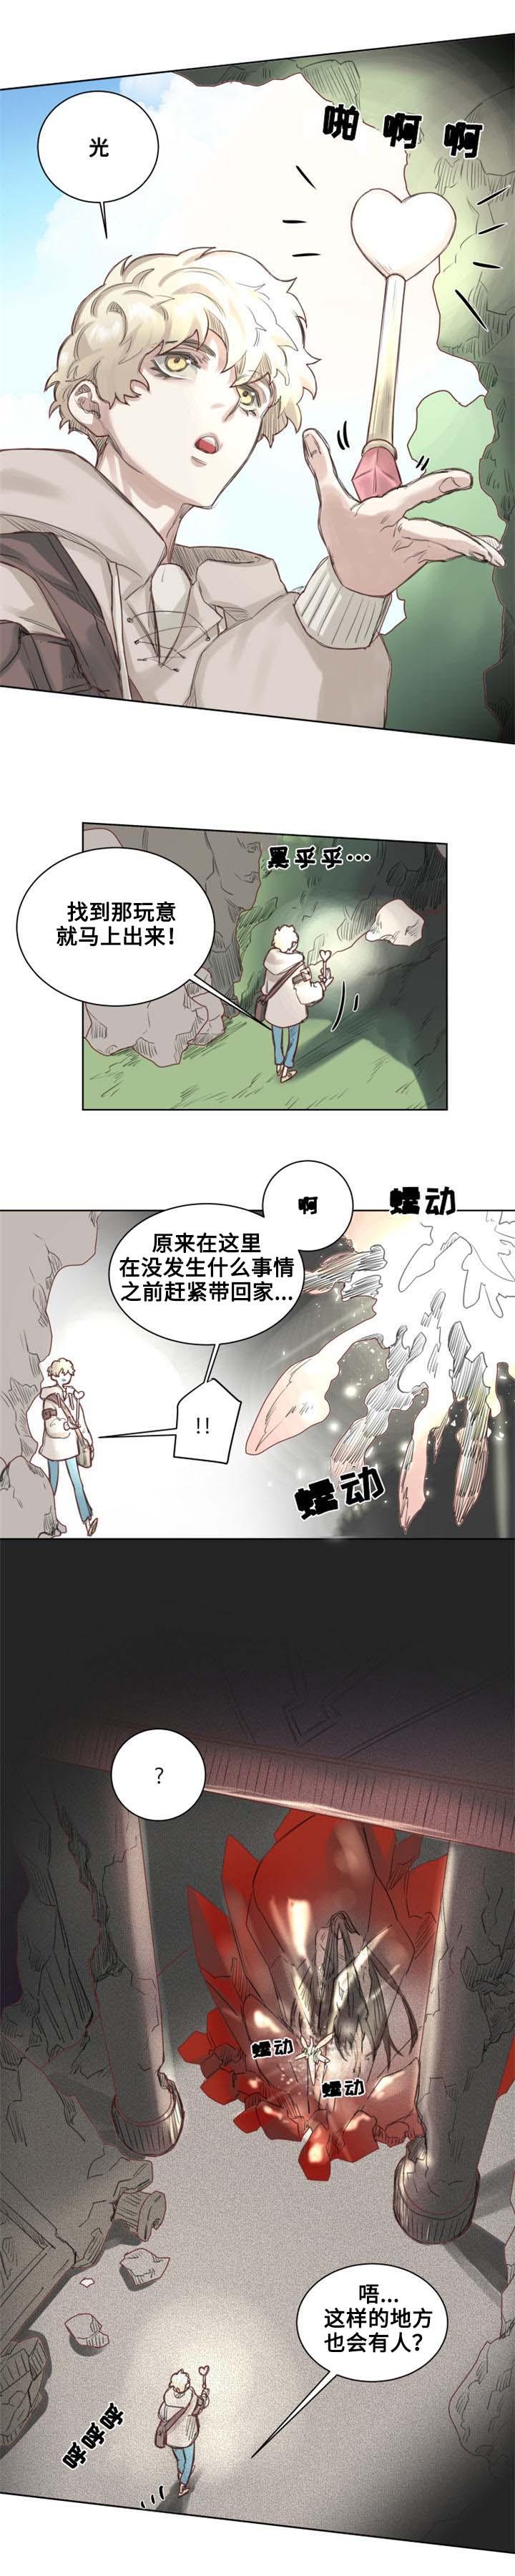 大魔王布莱克-漫画完整版汉化_最新连载更新至45话-啵乐漫画